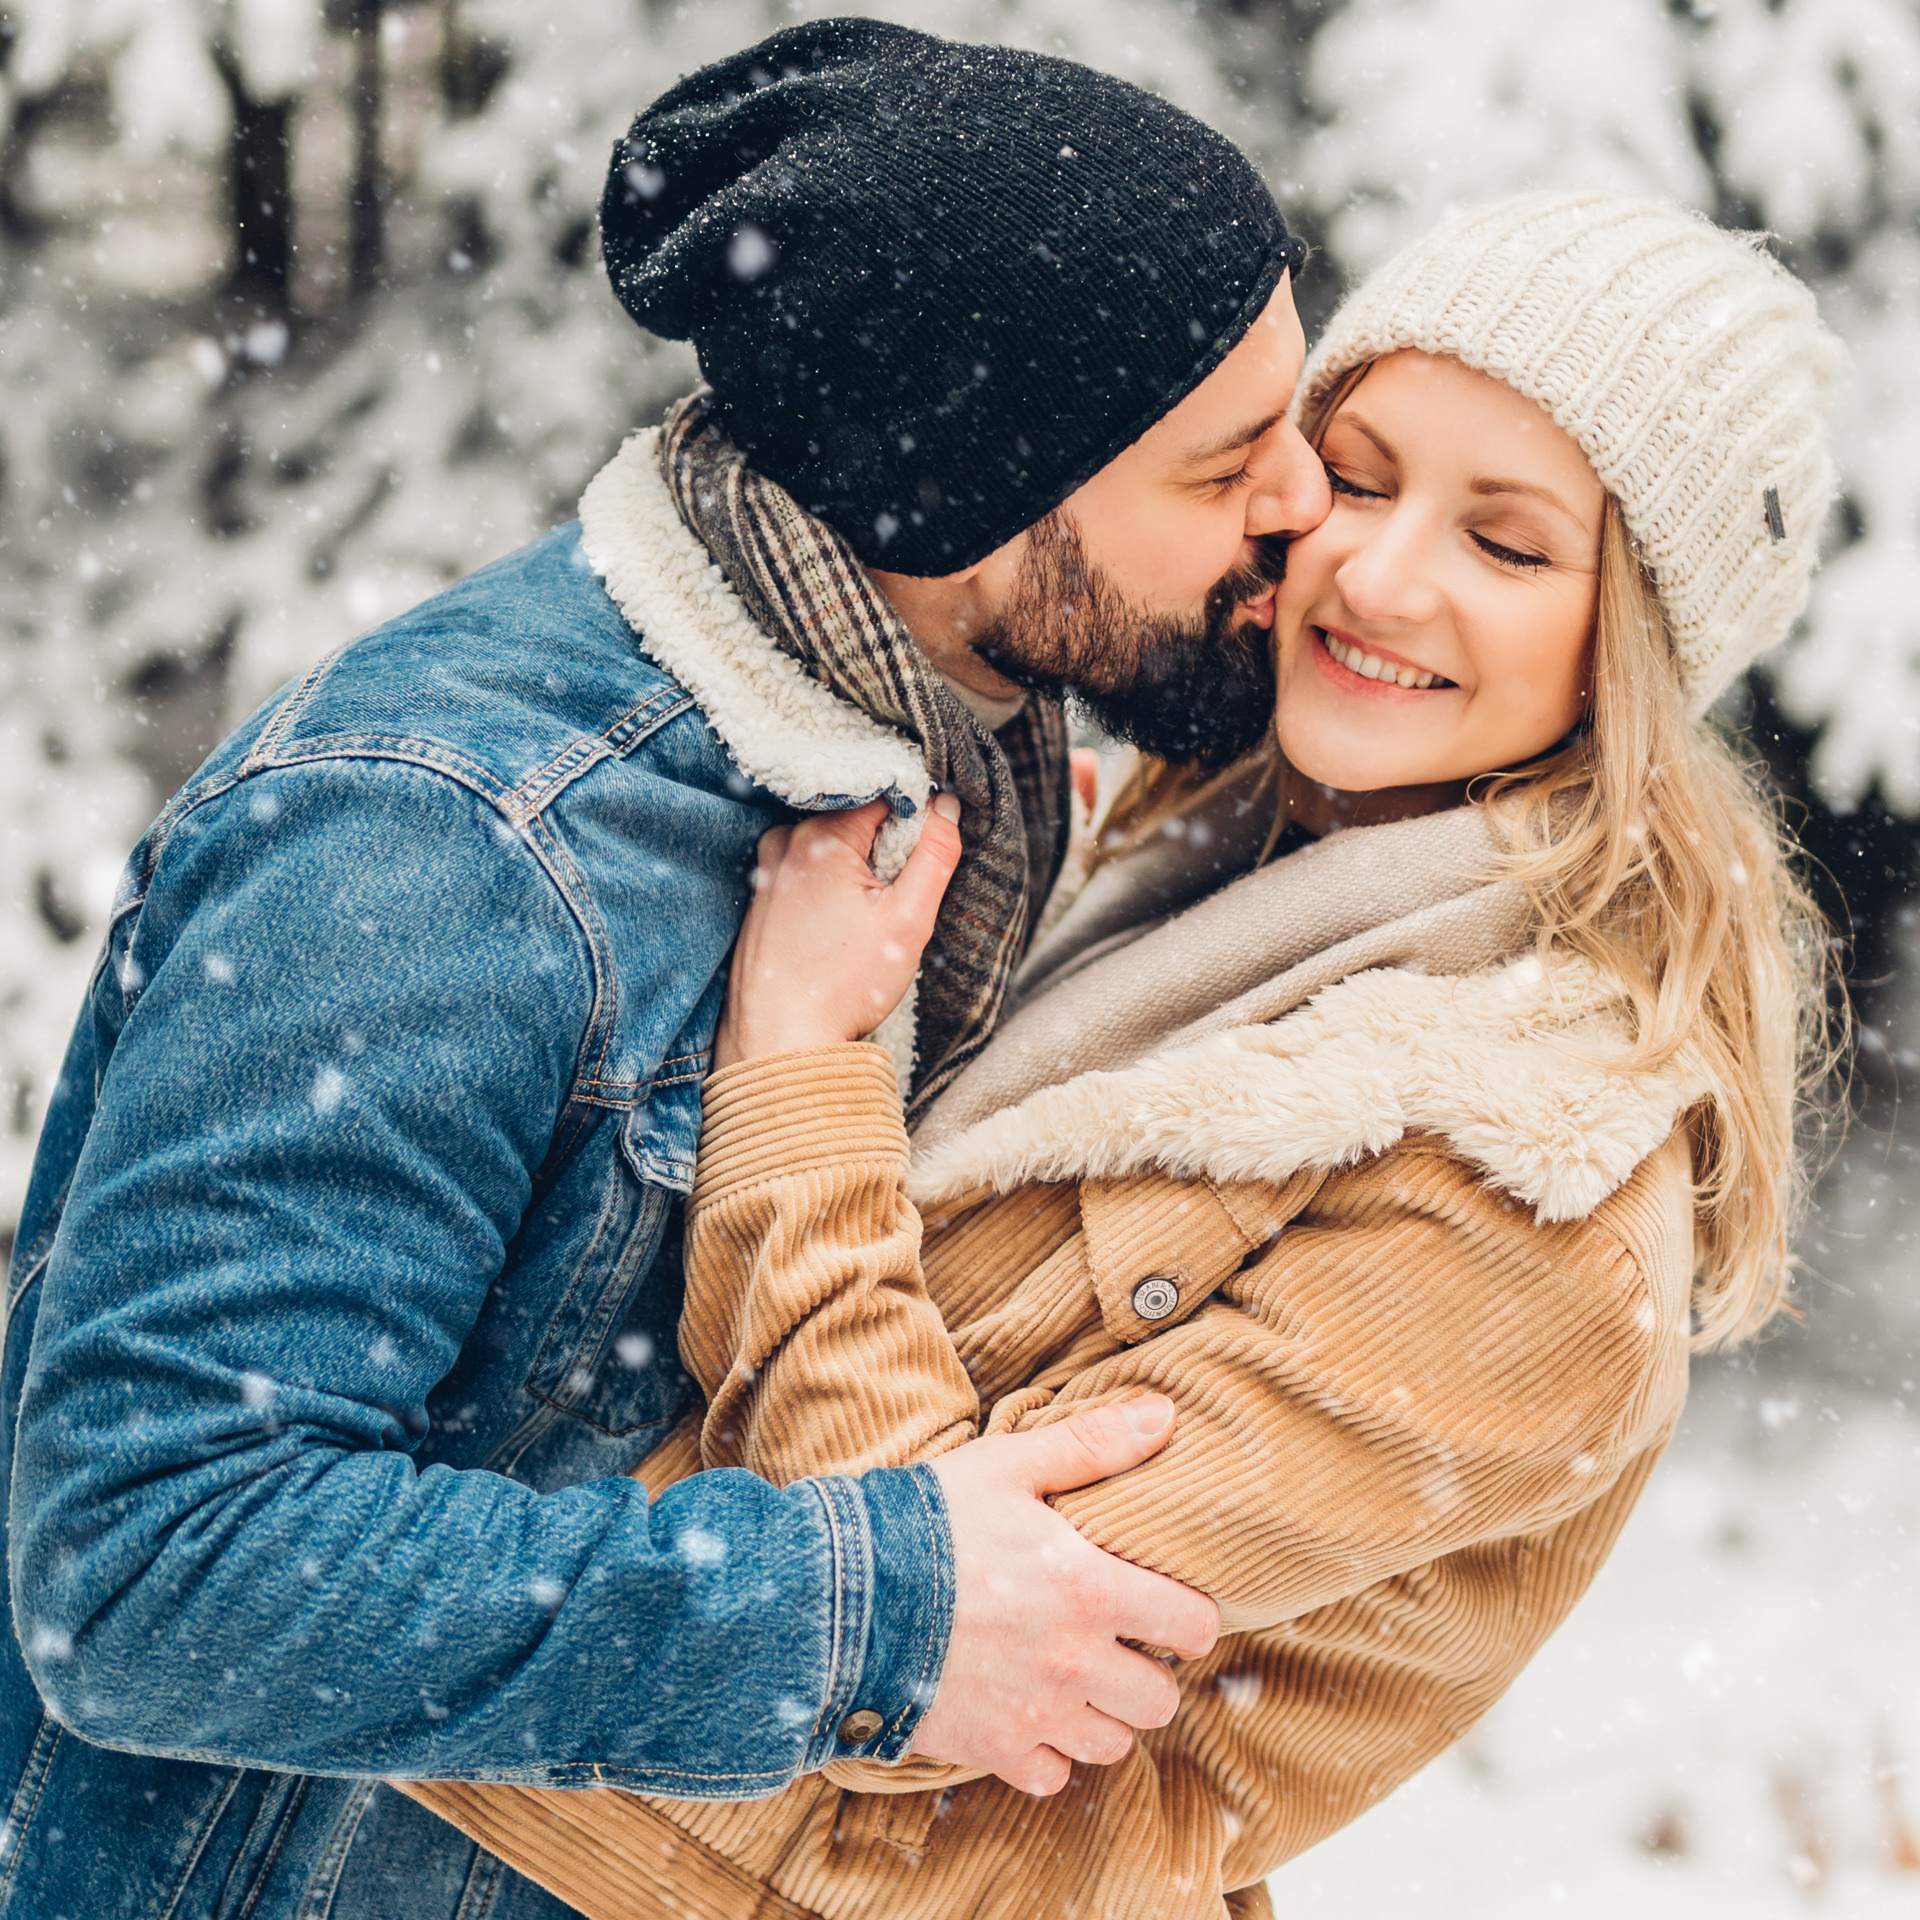 emotionale Pärchenfotos im Schnee